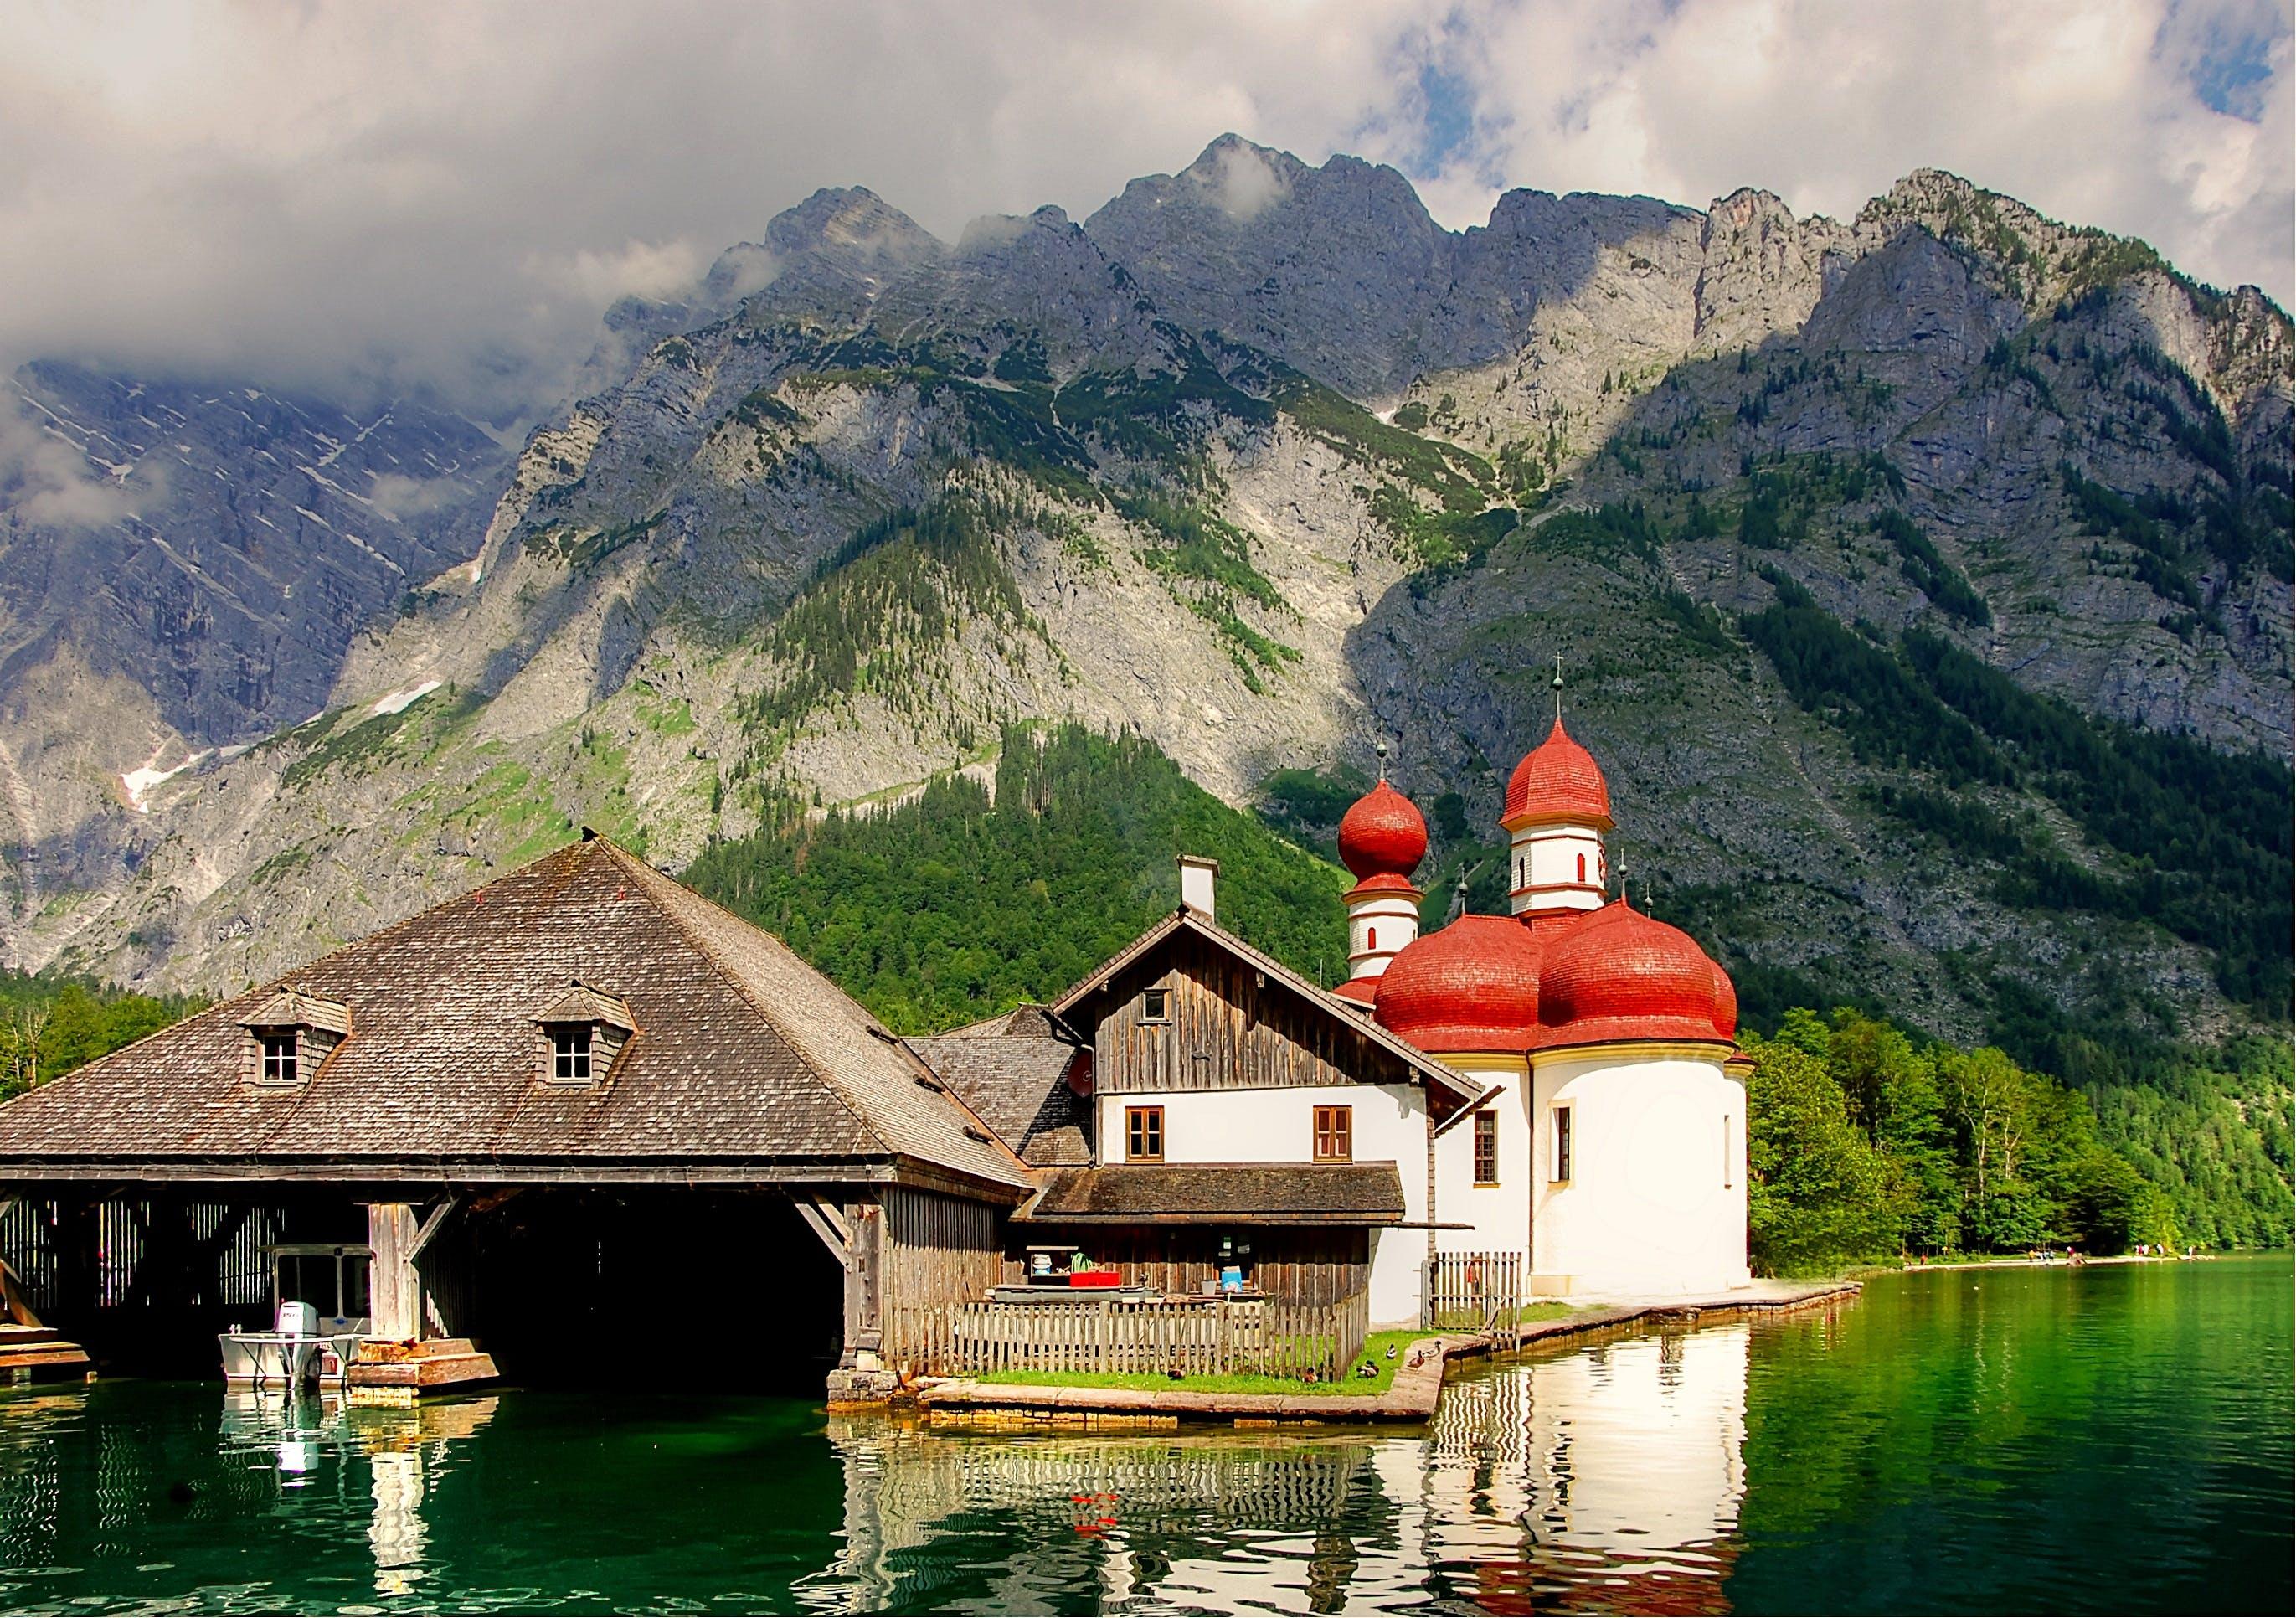 Gratis lagerfoto af afslapning, alperne, alpin, arkitektur